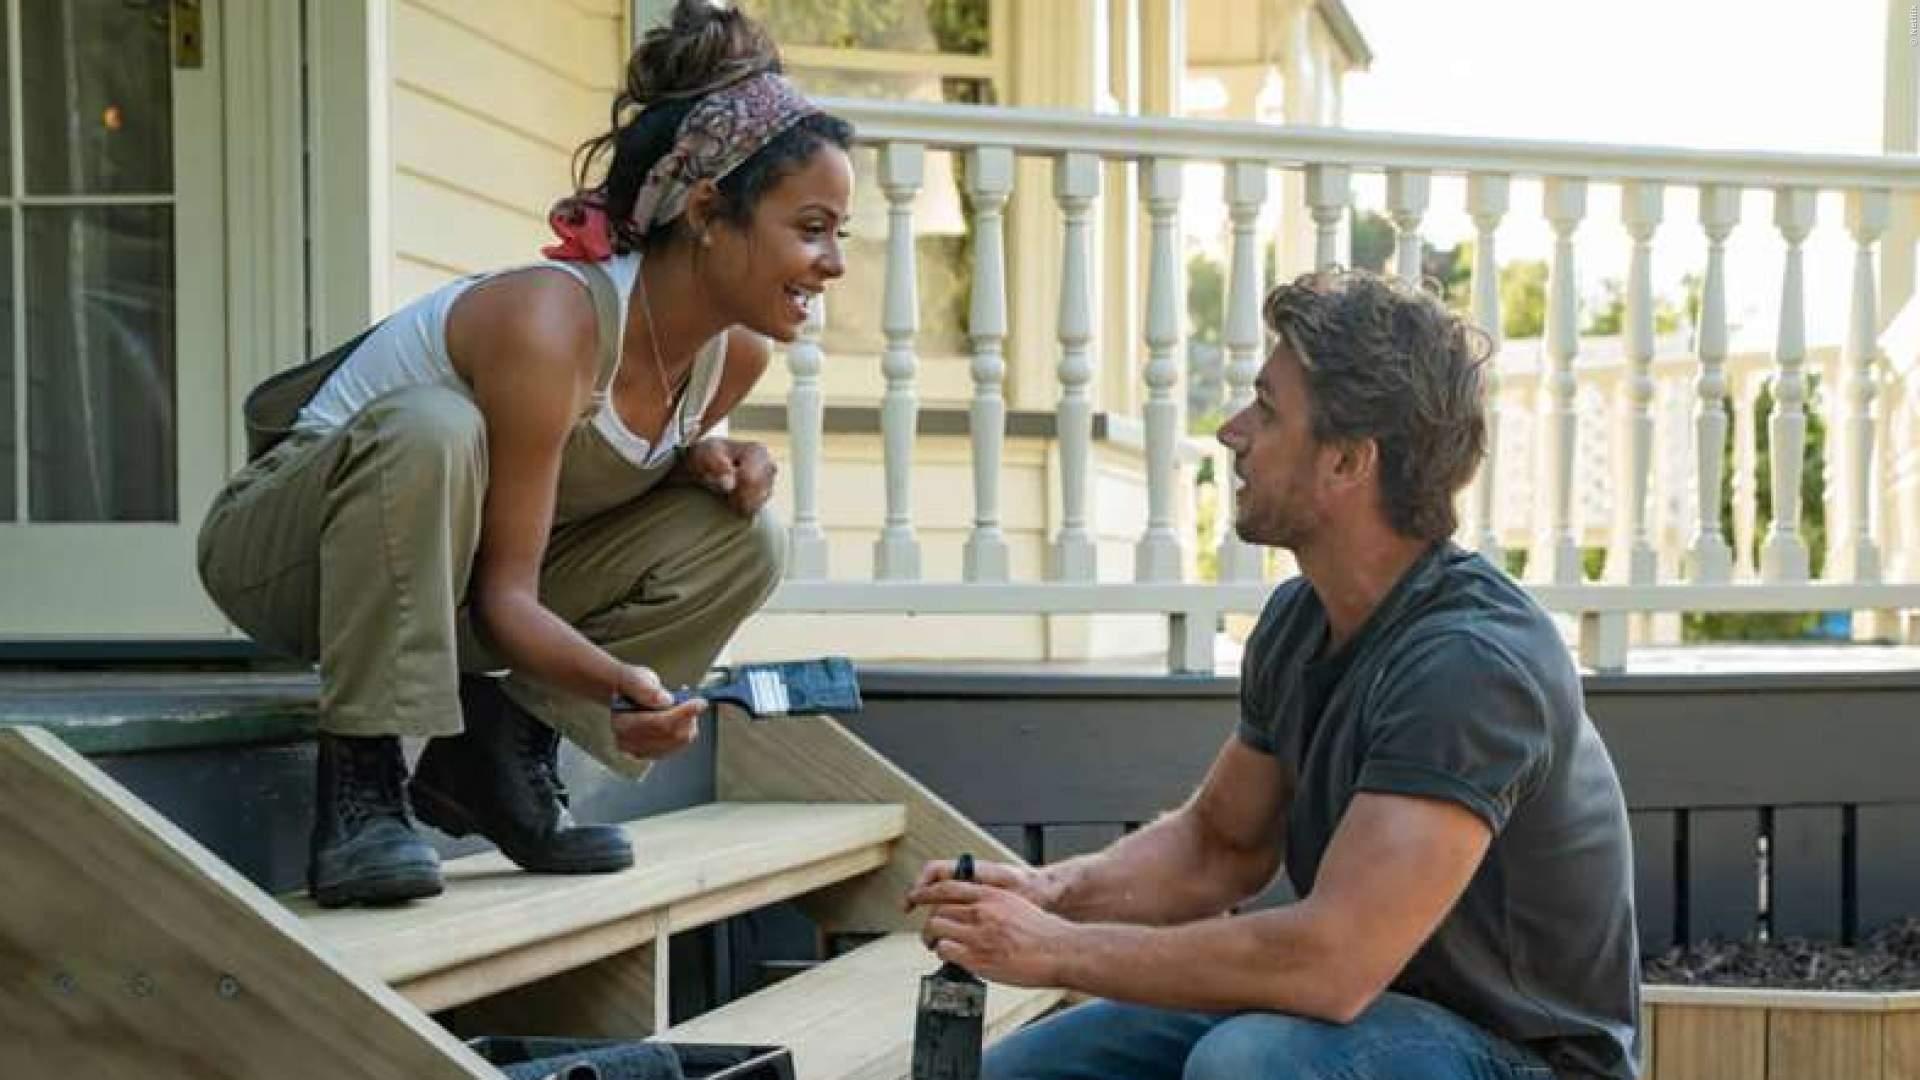 NETFLIX: Romantische Komödie in Neuseeland - Trailer